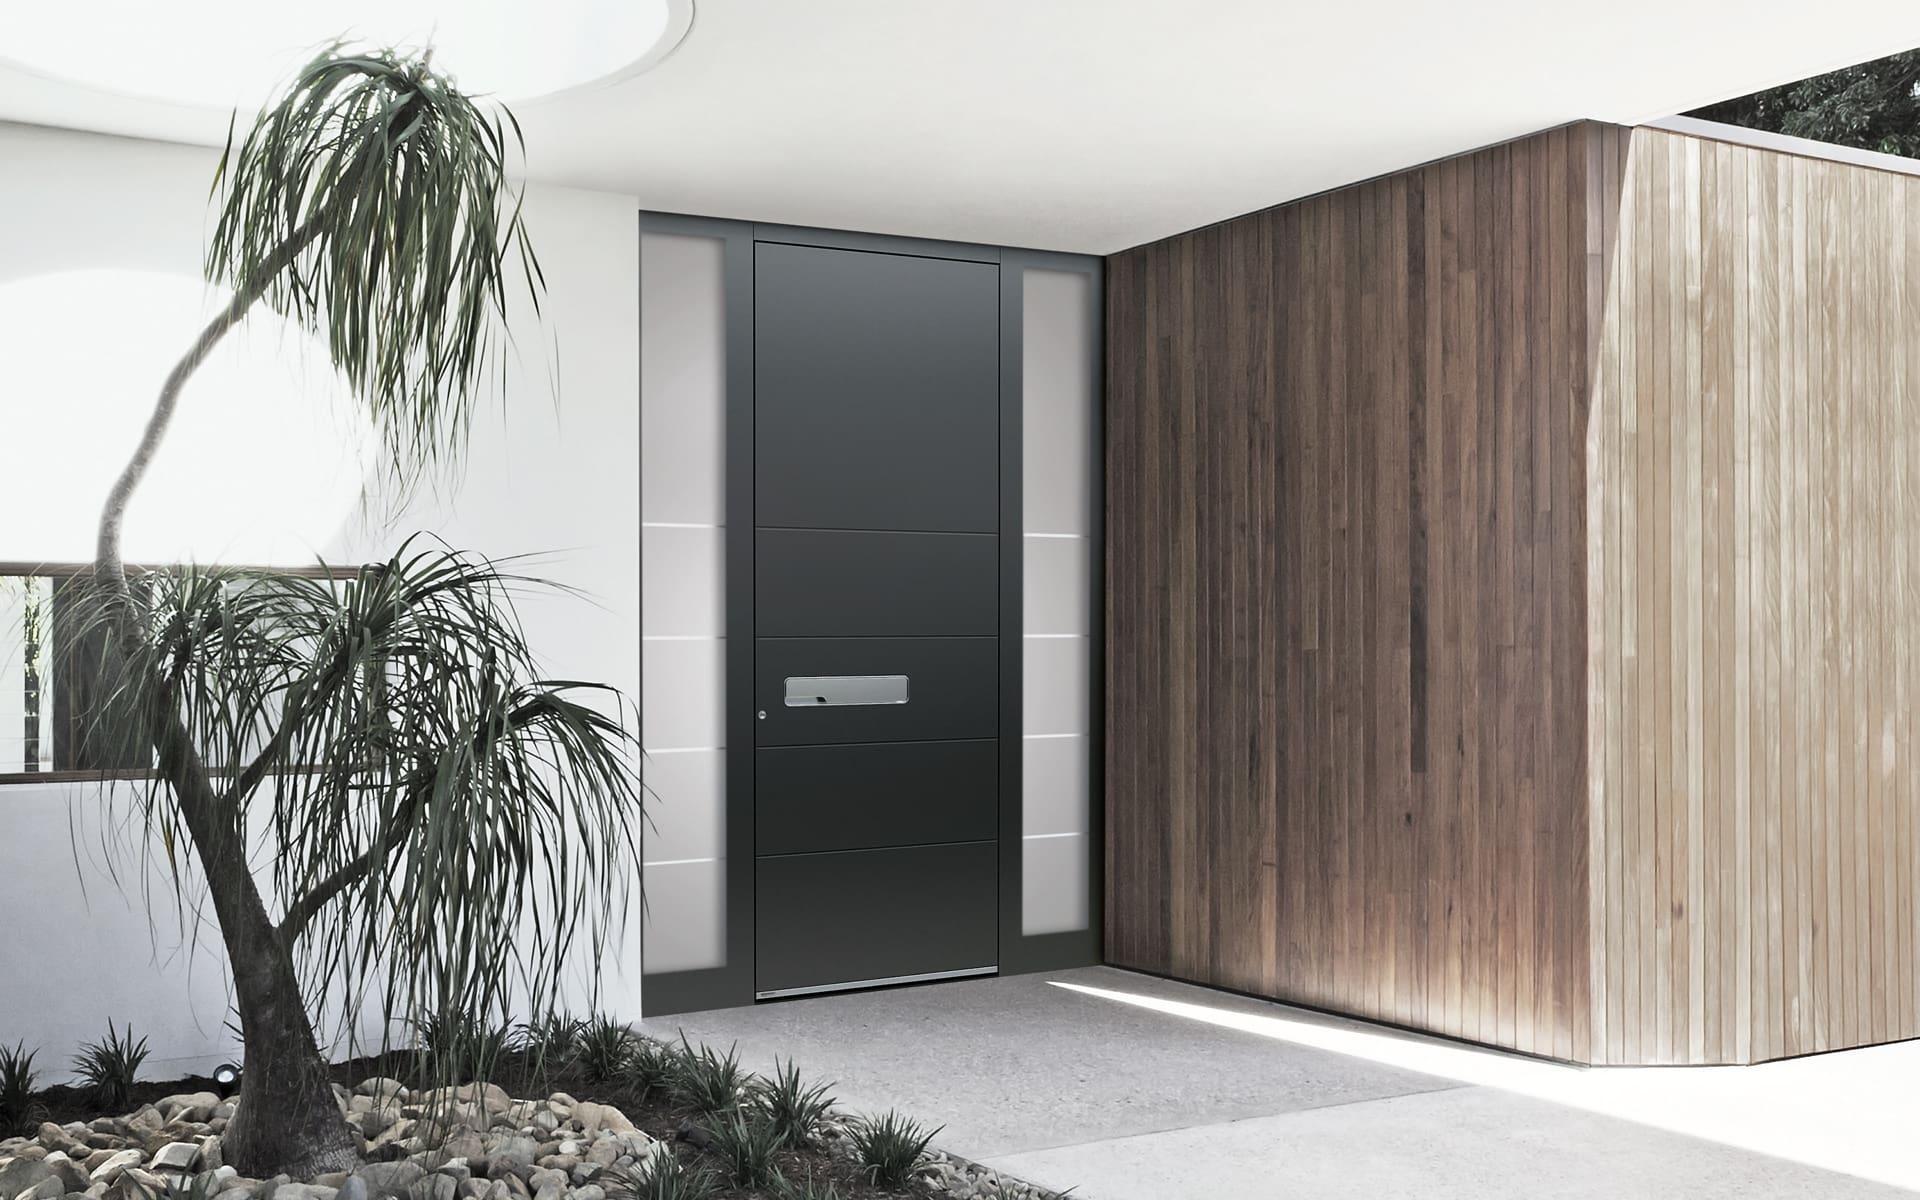 Schöne Türen für Ihr Zuhause